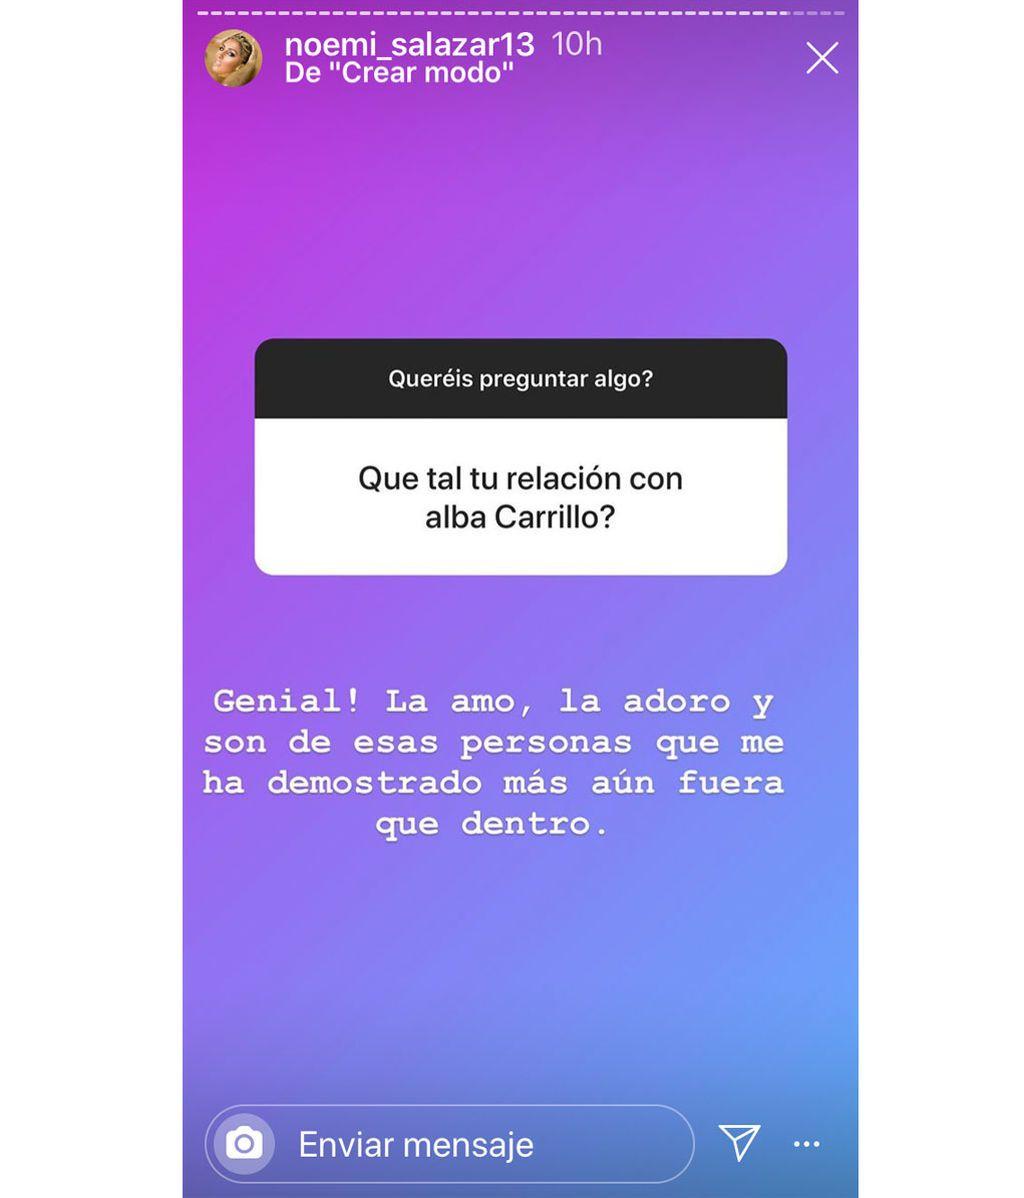 Noemí Salazar aclara su relación con Alba Carrillo